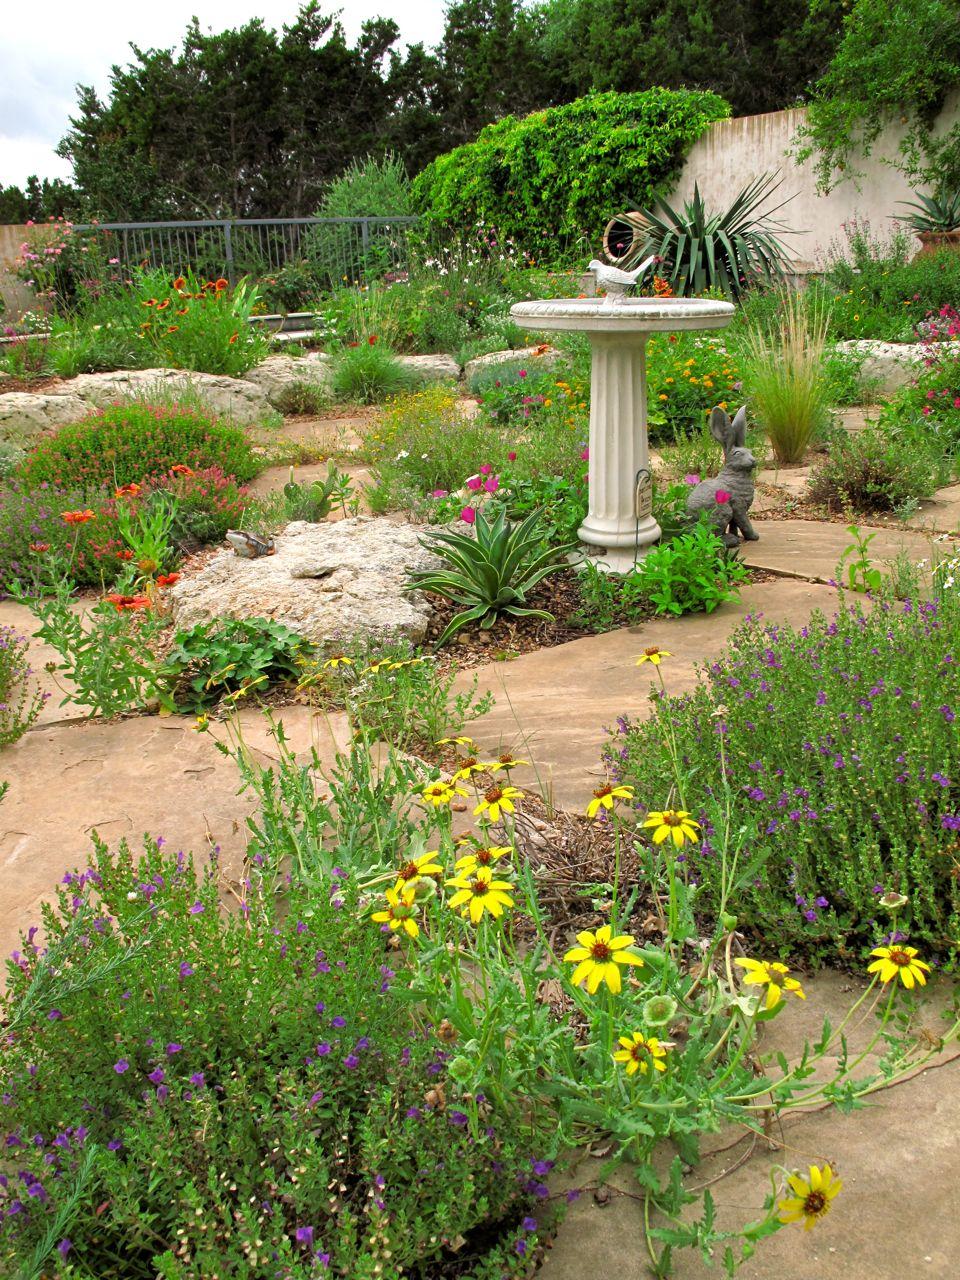 Rock rose small plants for the sunken garden for Garden plants for small gardens